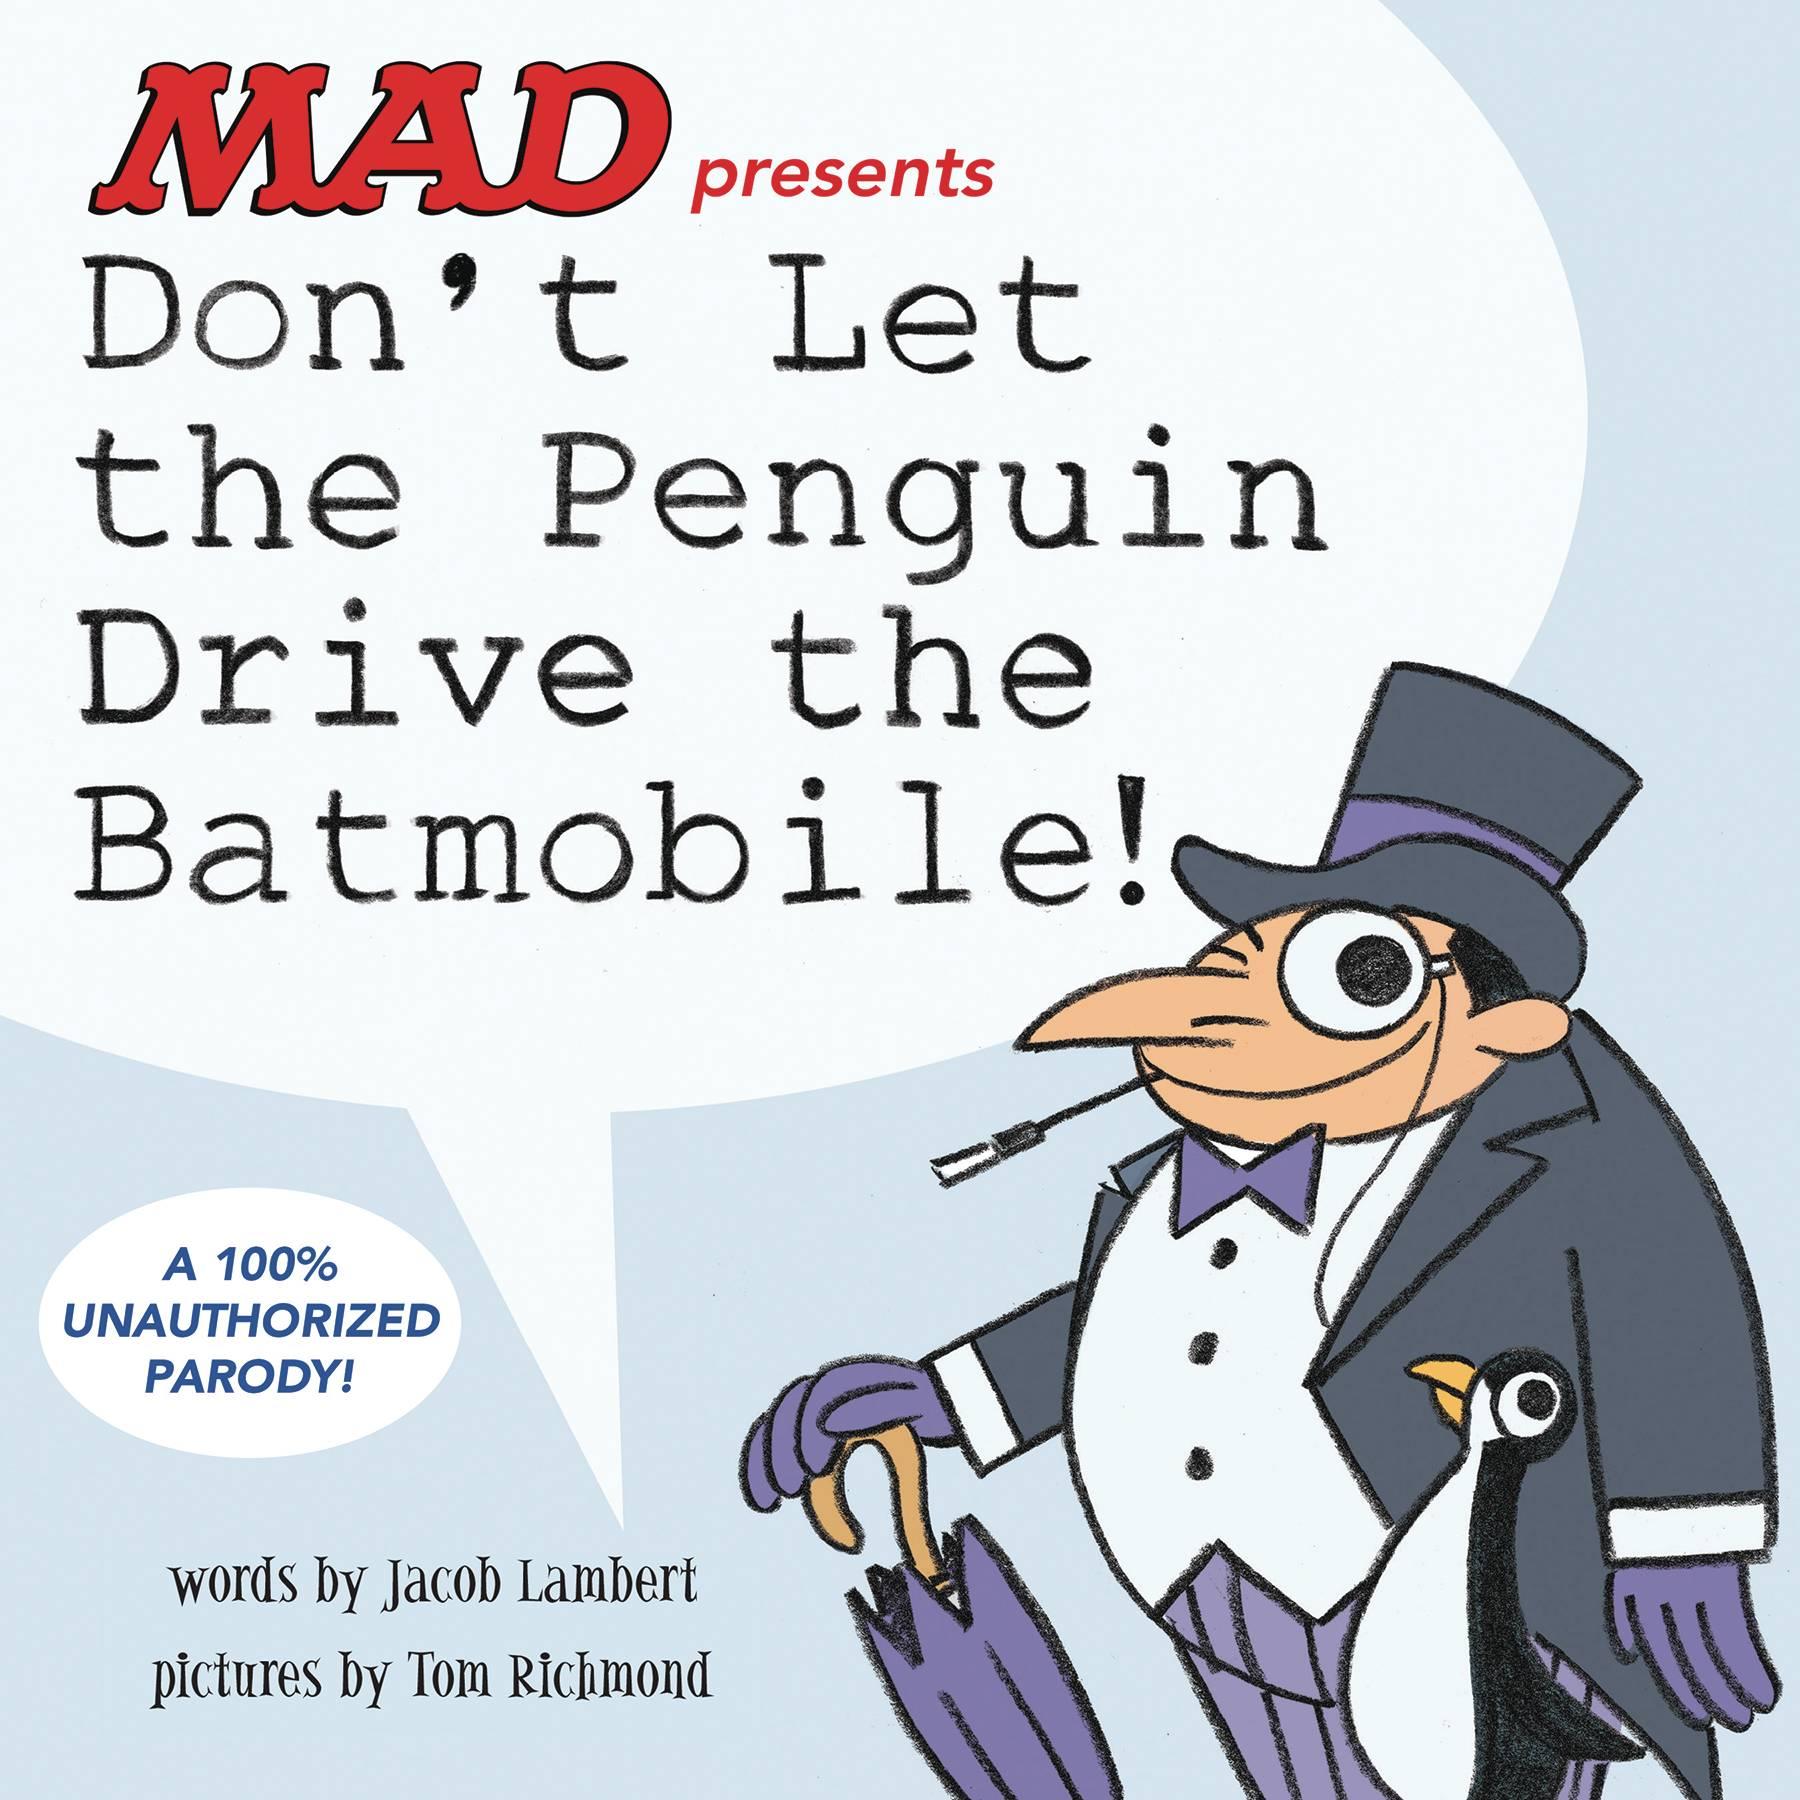 DONT LET THE PENGUIN DRIVE THE BATMOBILE HC